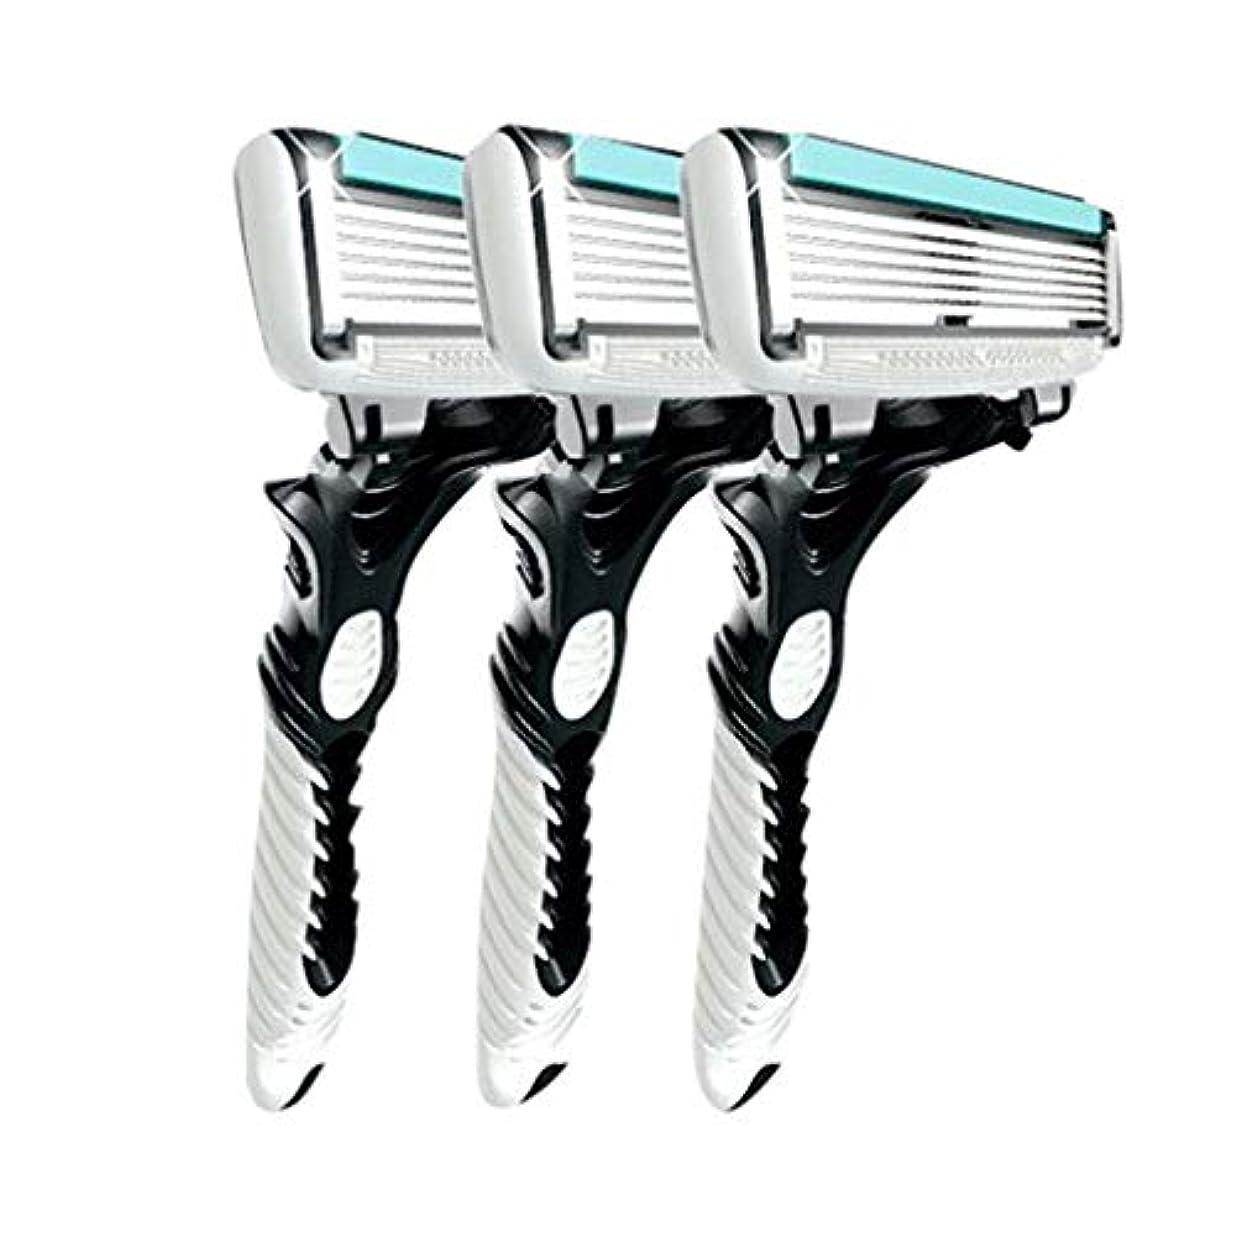 市民権アクロバット夏3pcsの男性の安全の伝統的なクラシック6層シェービング髪ブレードカミソリのマニュアルステンレス鋼のシェービング髪のブレイド